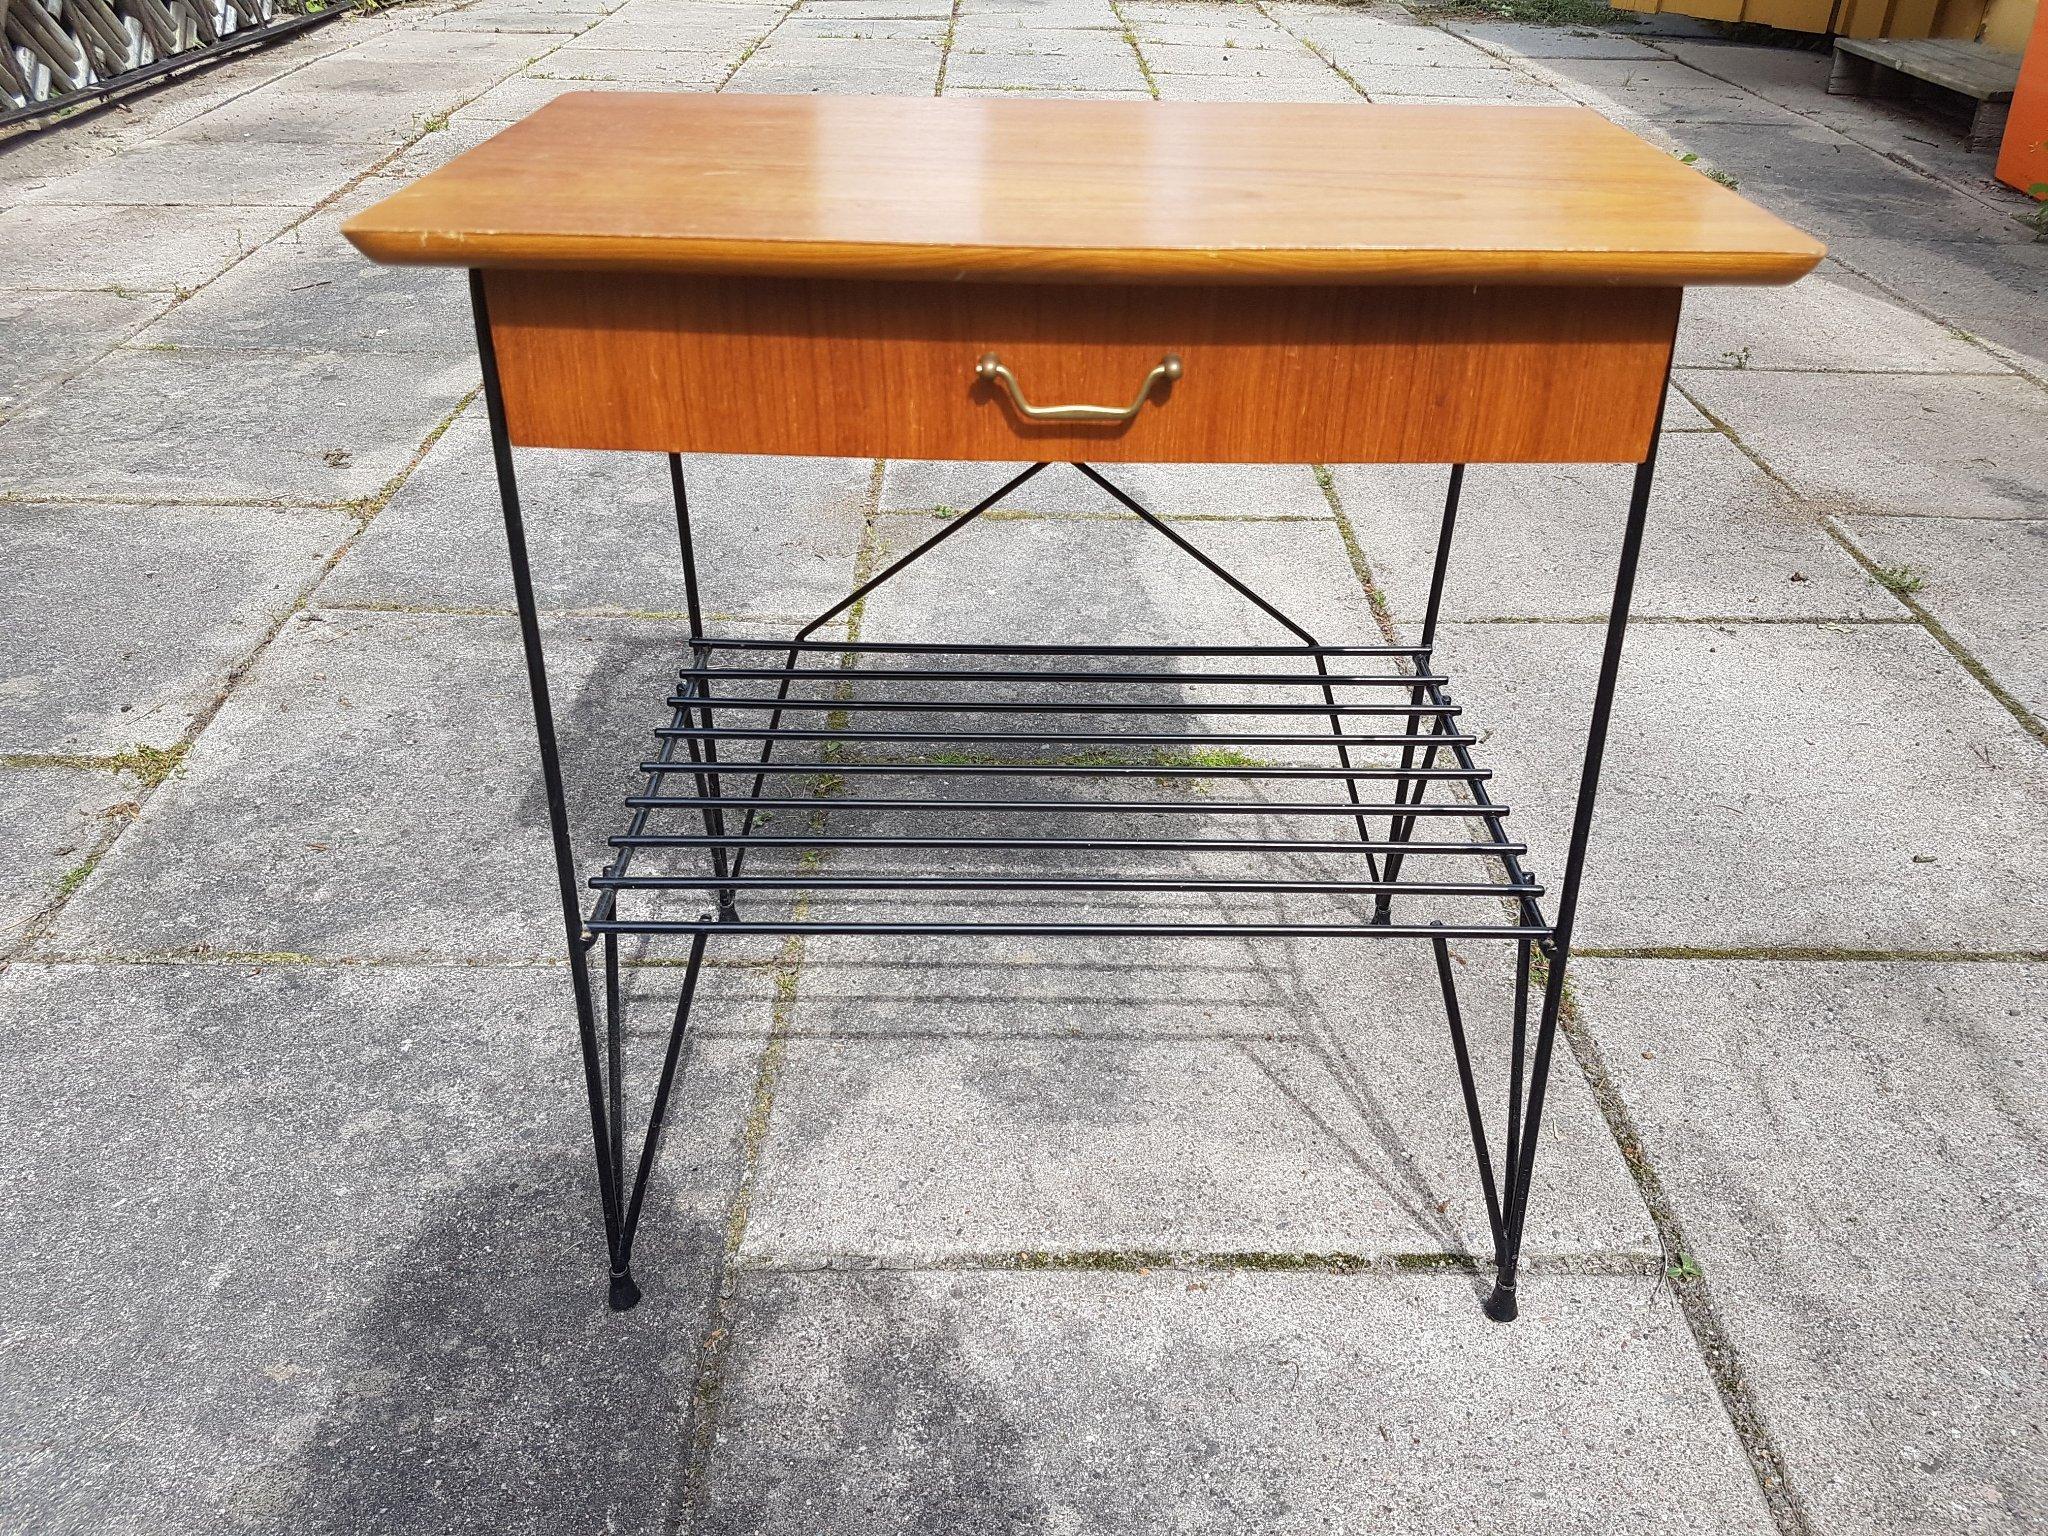 Afholte Retro bord med lackad tråd ENDAST AVHÄMTNING (355984430) ᐈ Köp på EE-86